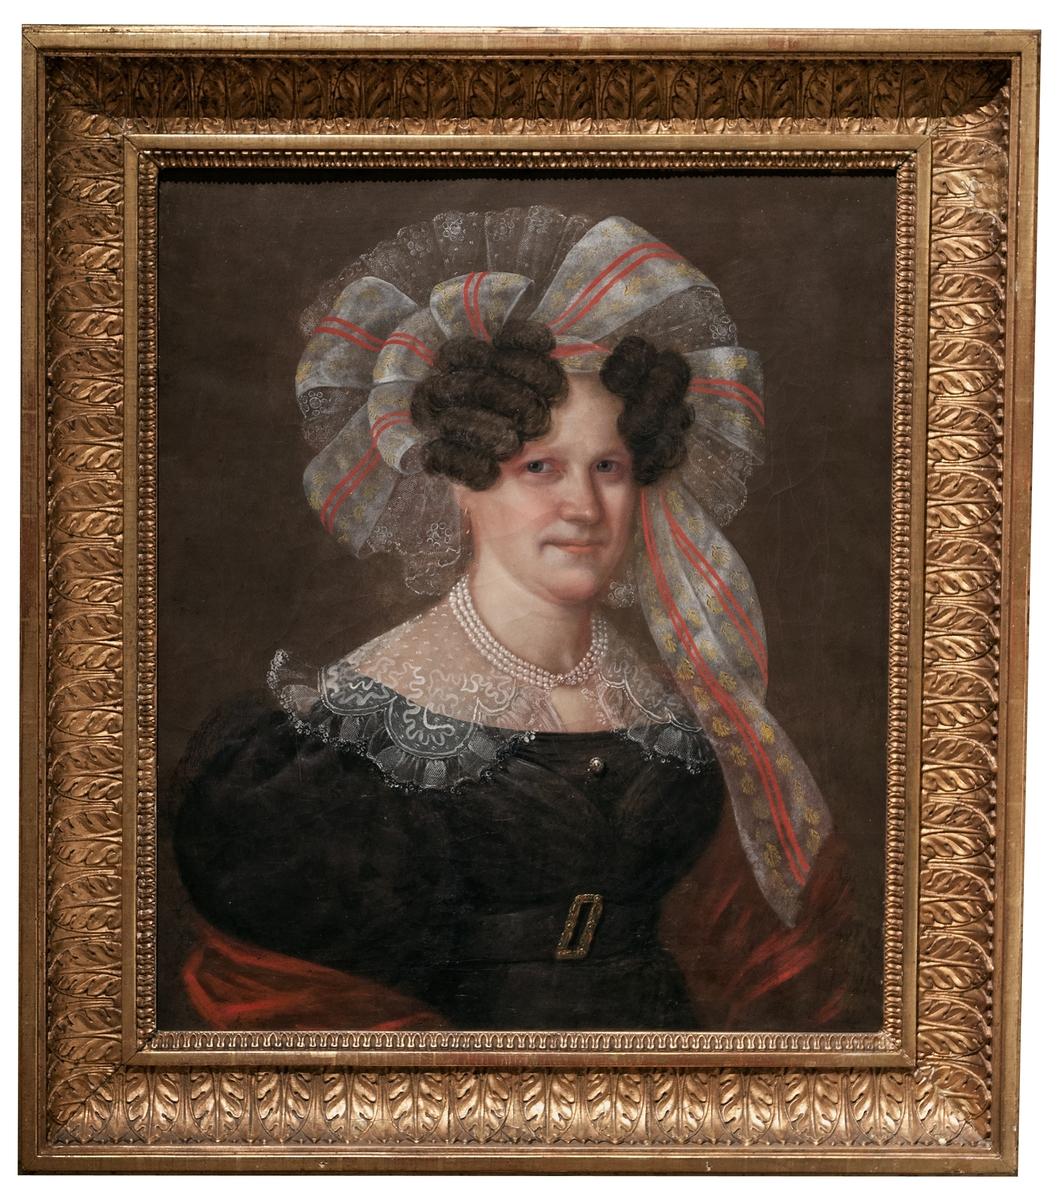 Oljemålning av fröken Jeanette Baumgren, av Carl Peter Lehmann, omkring 1840-1850.